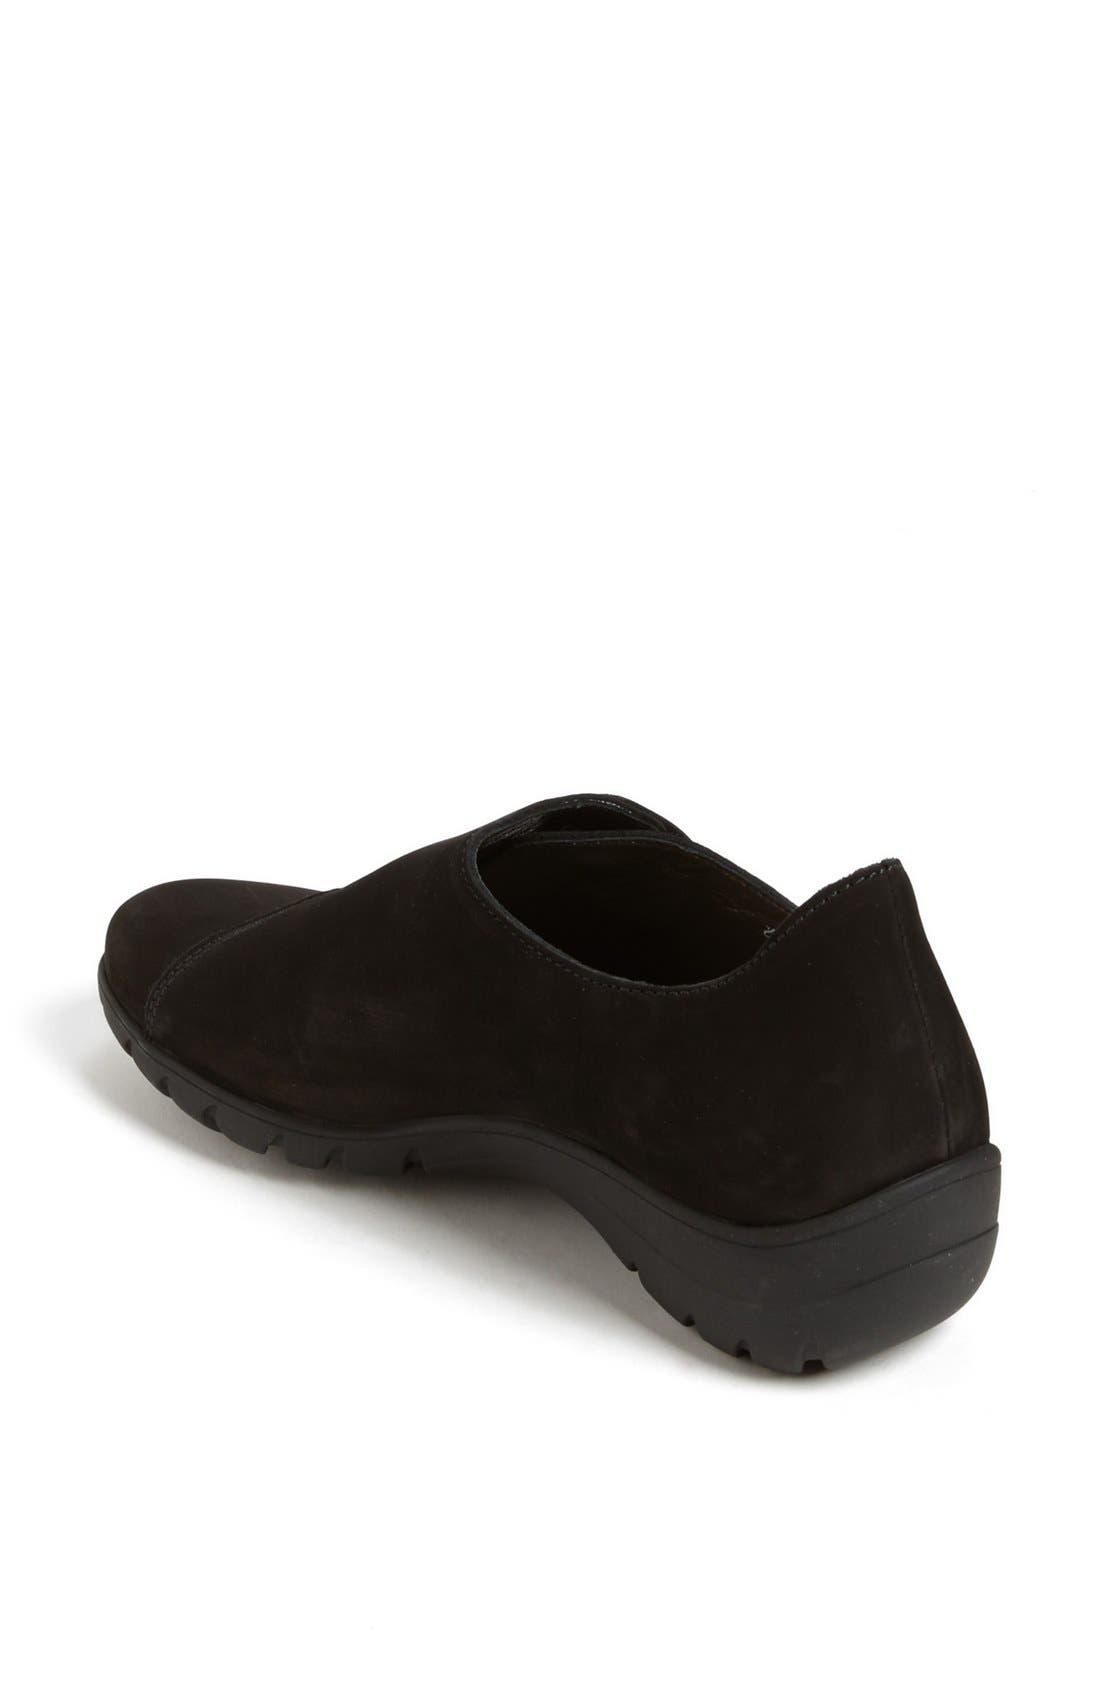 MEPHISTO, 'Luce' Sneaker, Alternate thumbnail 2, color, BLACK BUCKSOFT